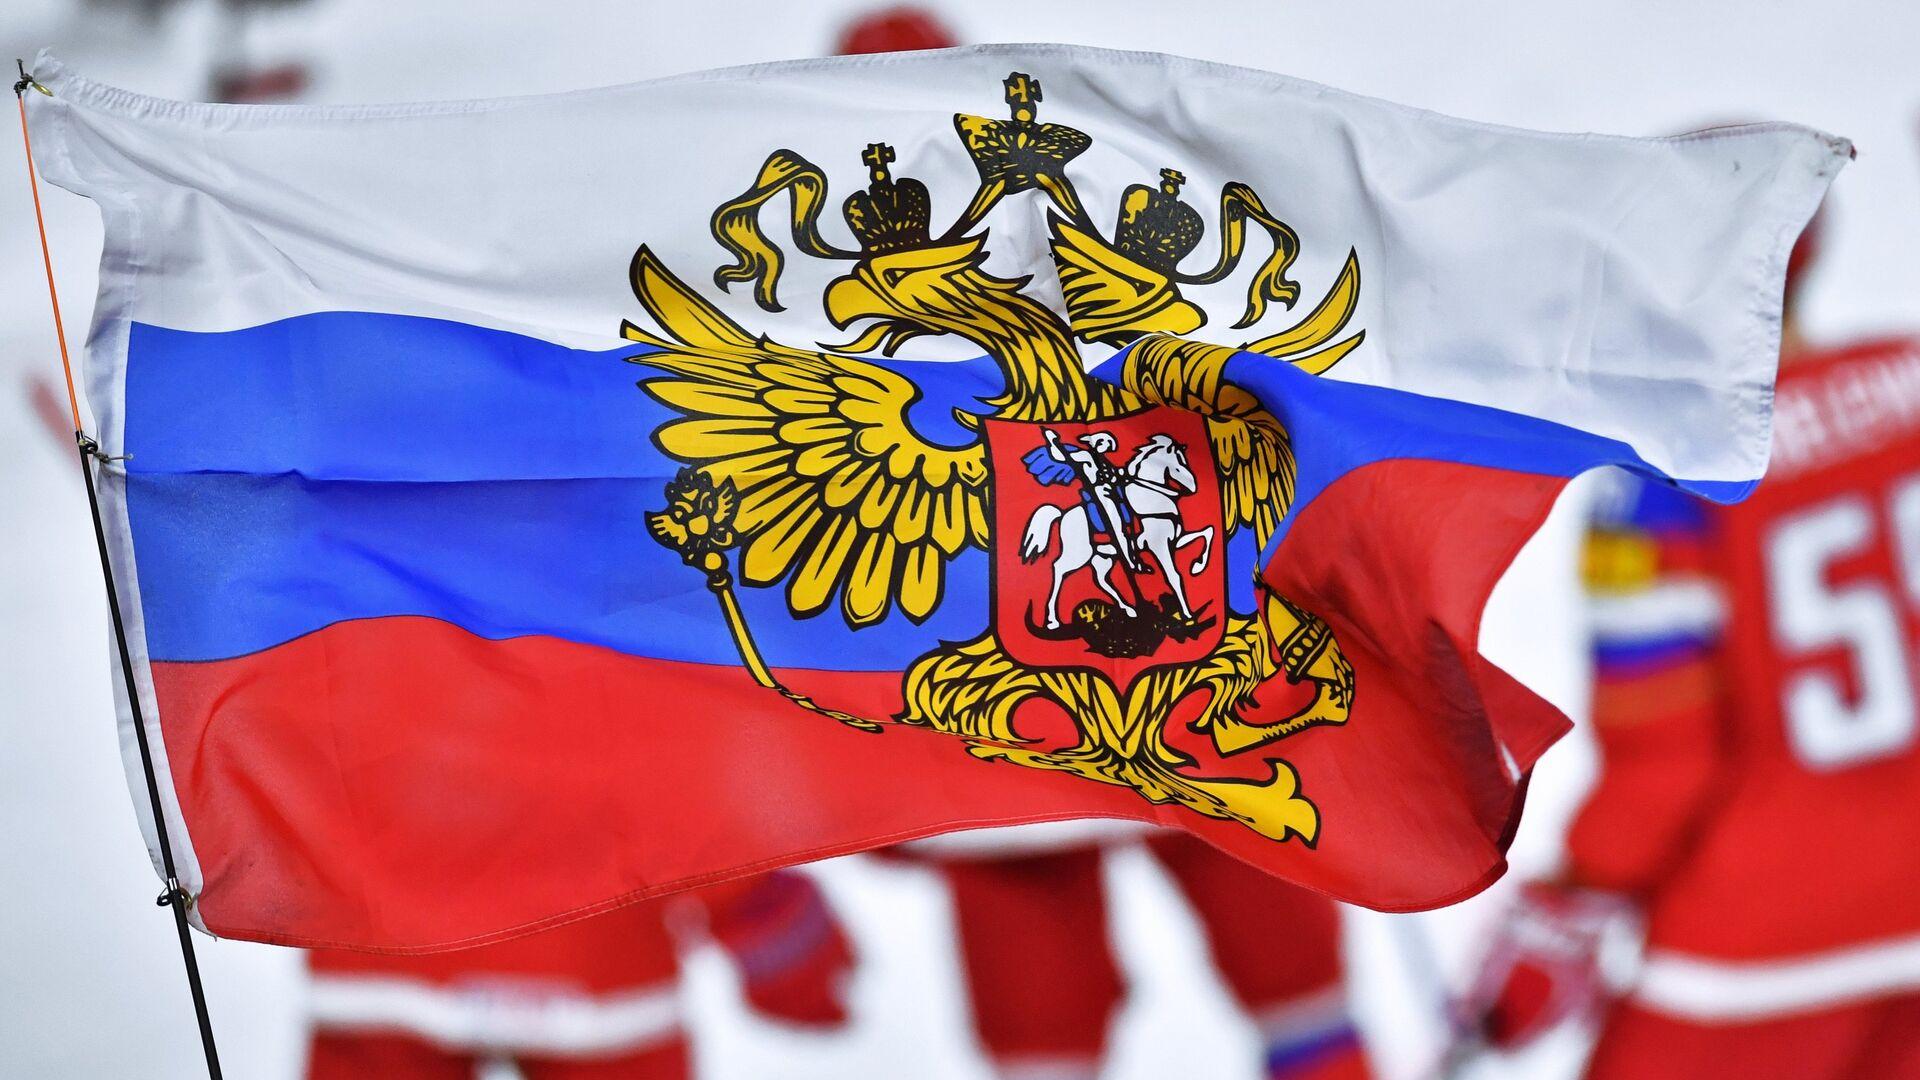 Флаг РФ во время матча российских хоккеистов - РИА Новости, 1920, 15.05.2021